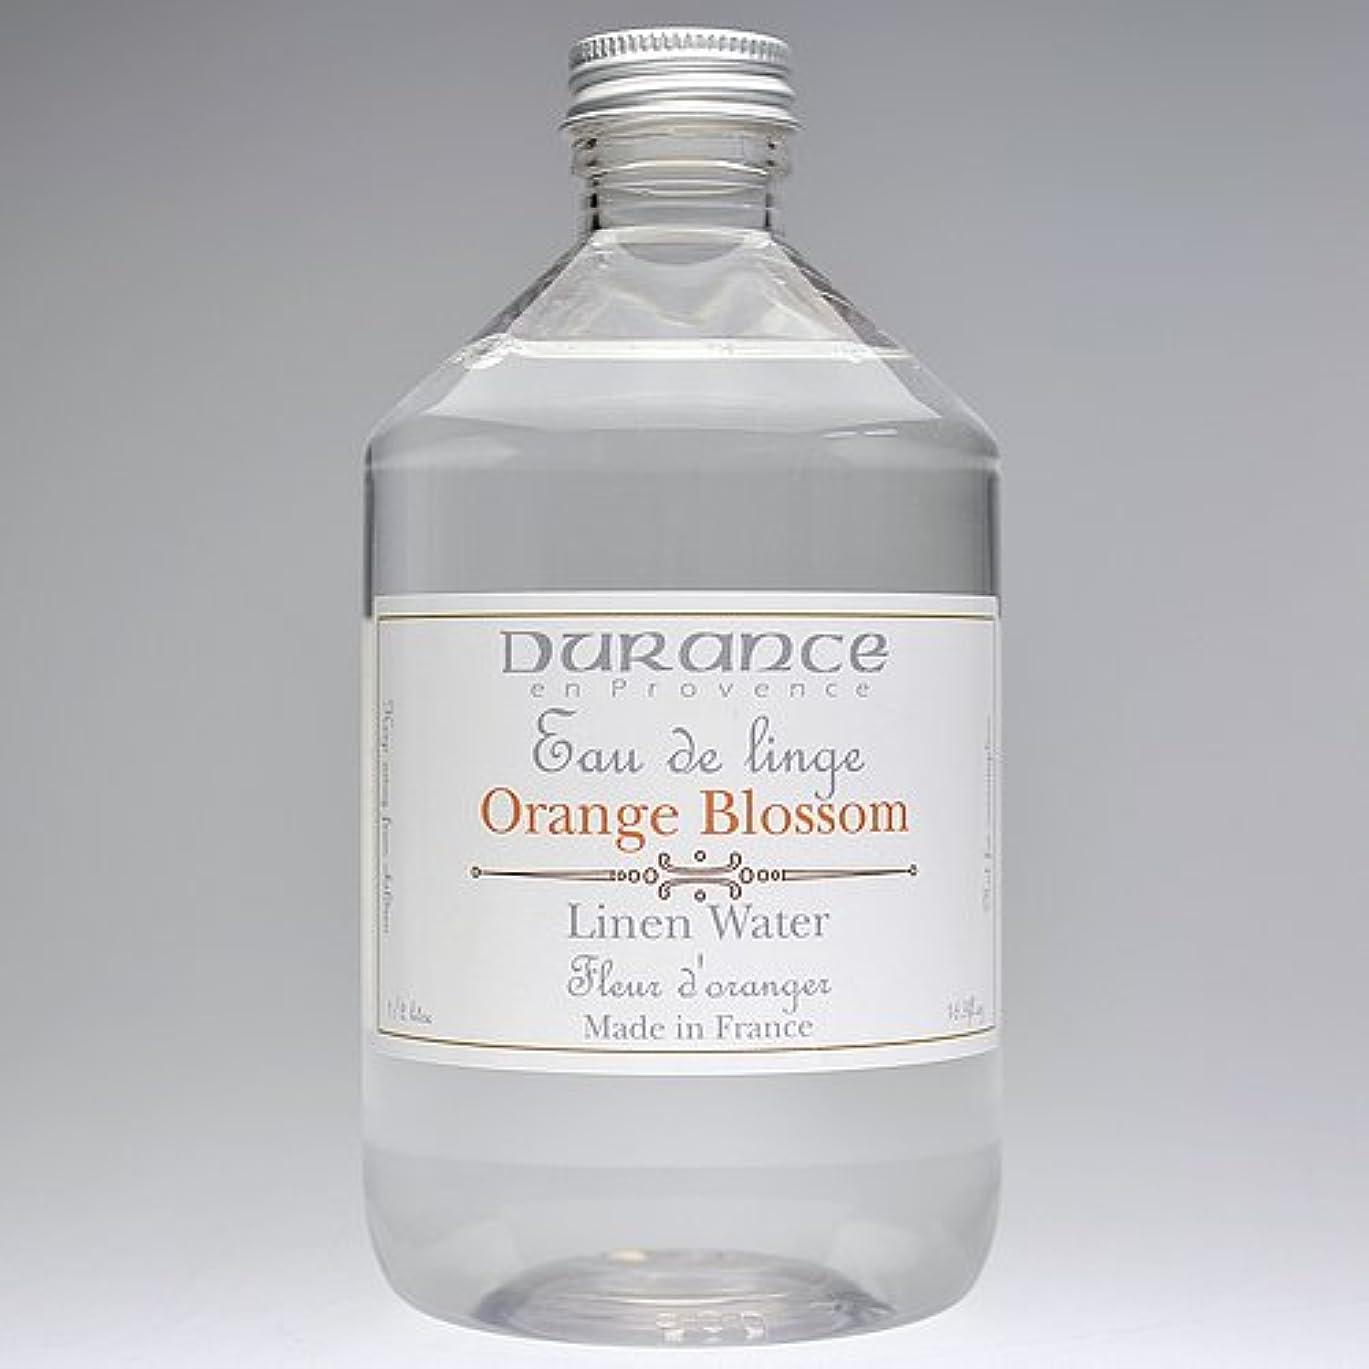 マイナー盲信別々にDURANCE(デュランス) リネンケアシリーズ リネンウォーター 500ml 「フラワーオレンジ」 4994228008619